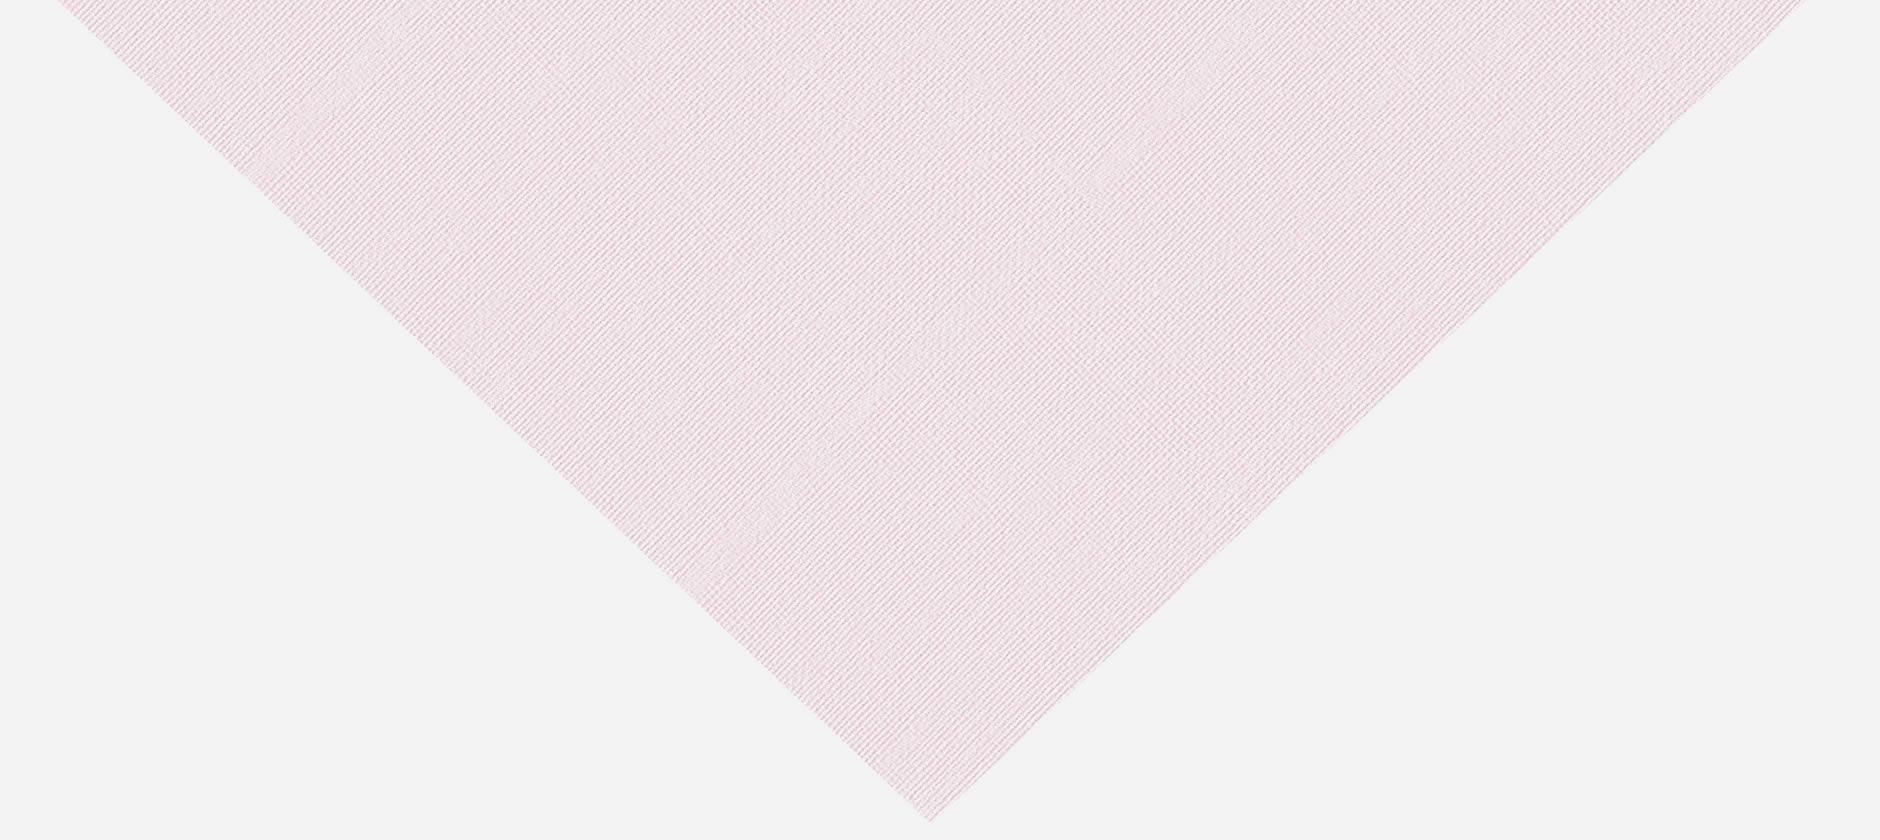 Tela rosa claro